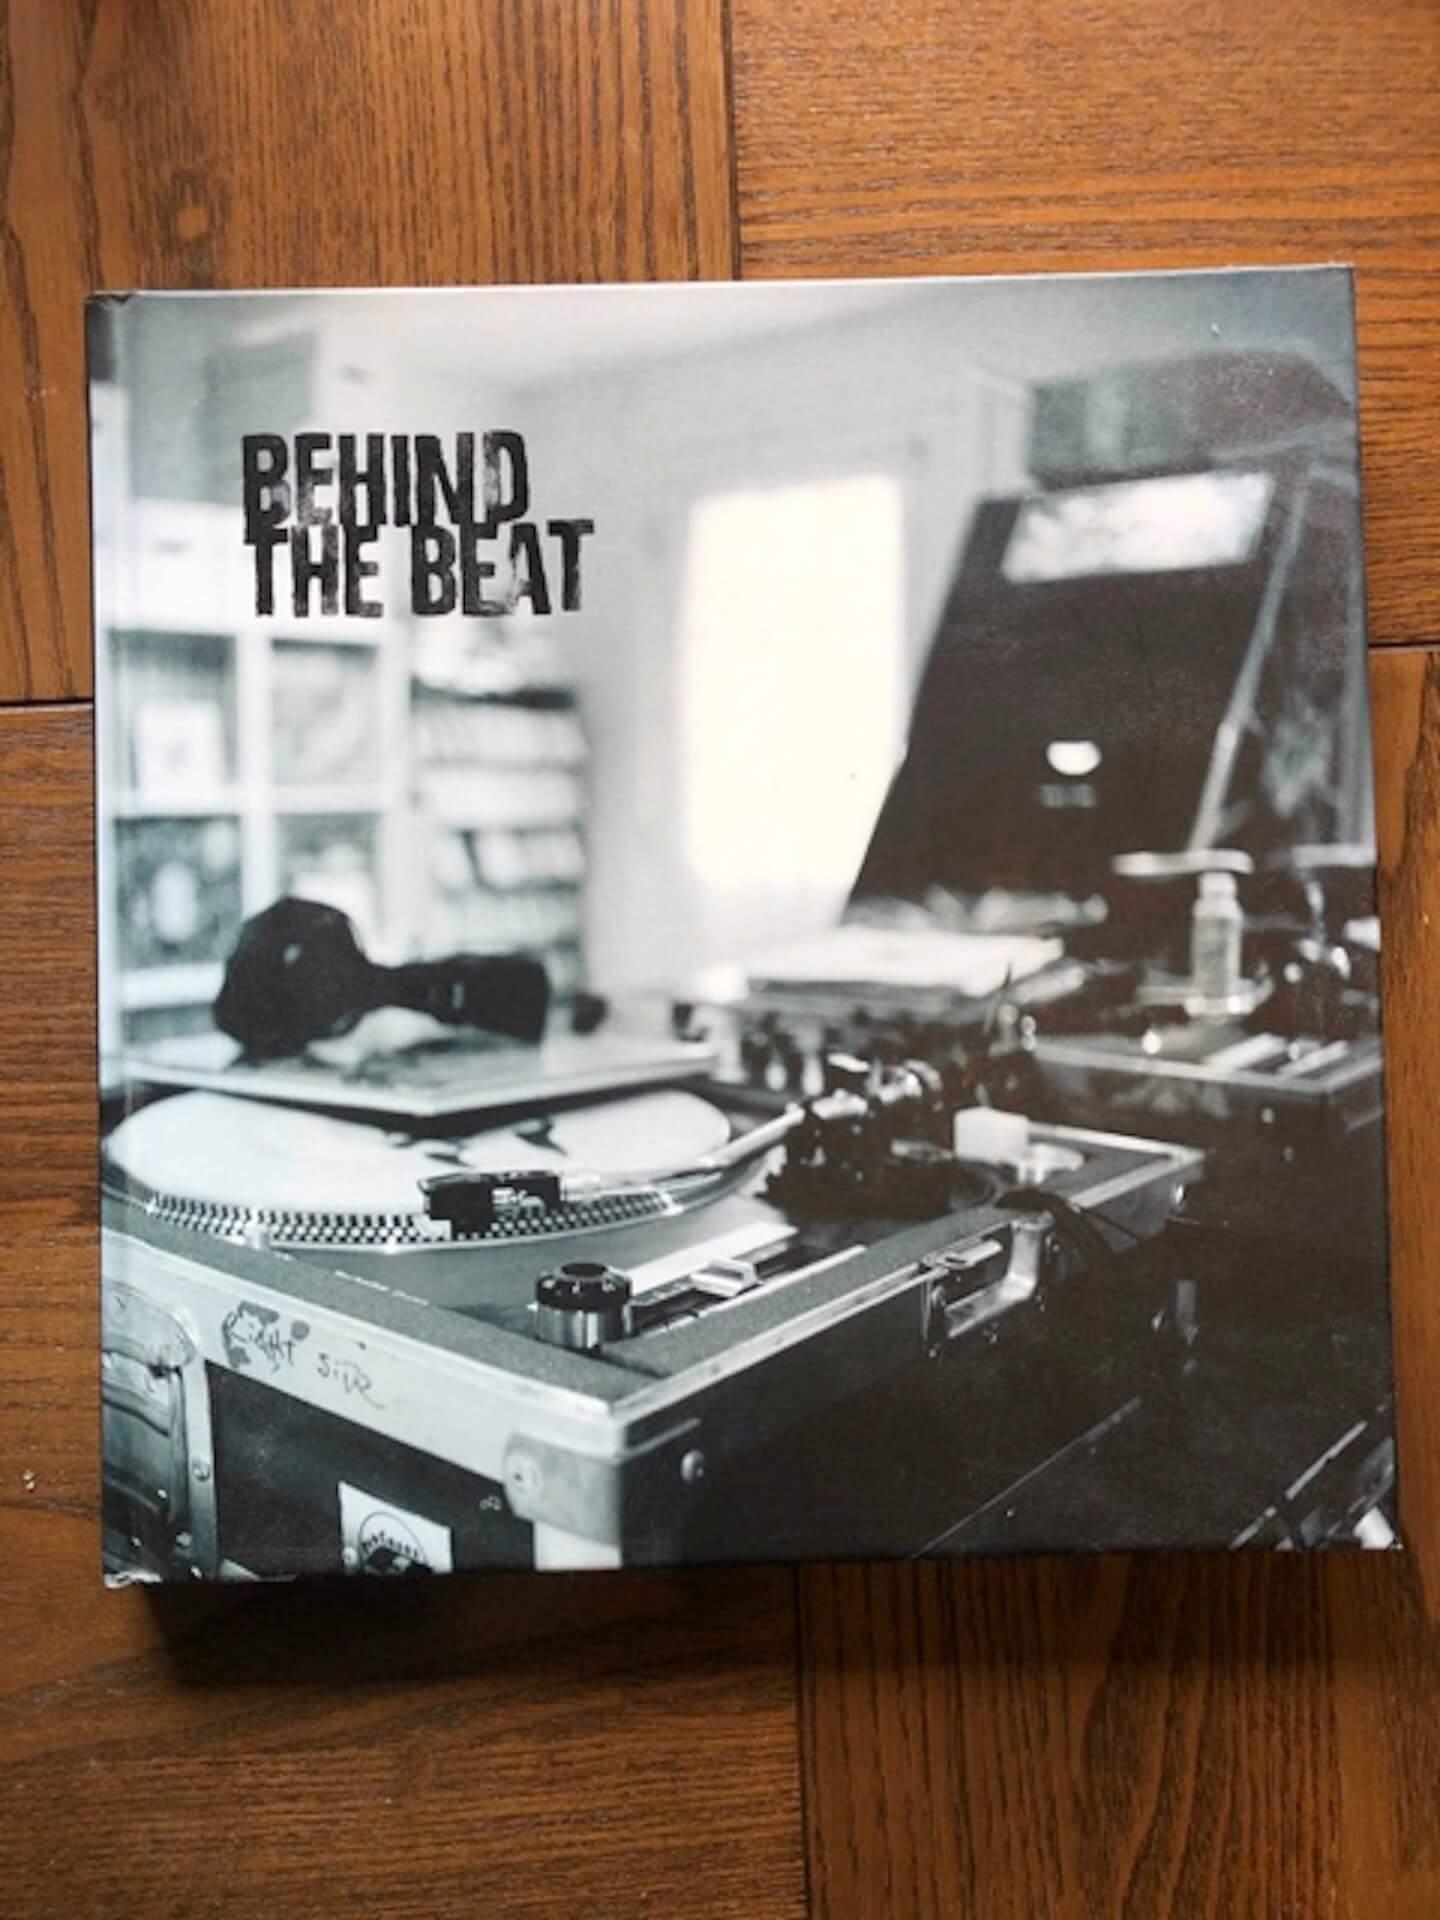 アートブックノススメ:番外編| Shingo Suzuki-『Behind the Beat』/ Raph Rashid column210501_artbook-shingosuzuki-02